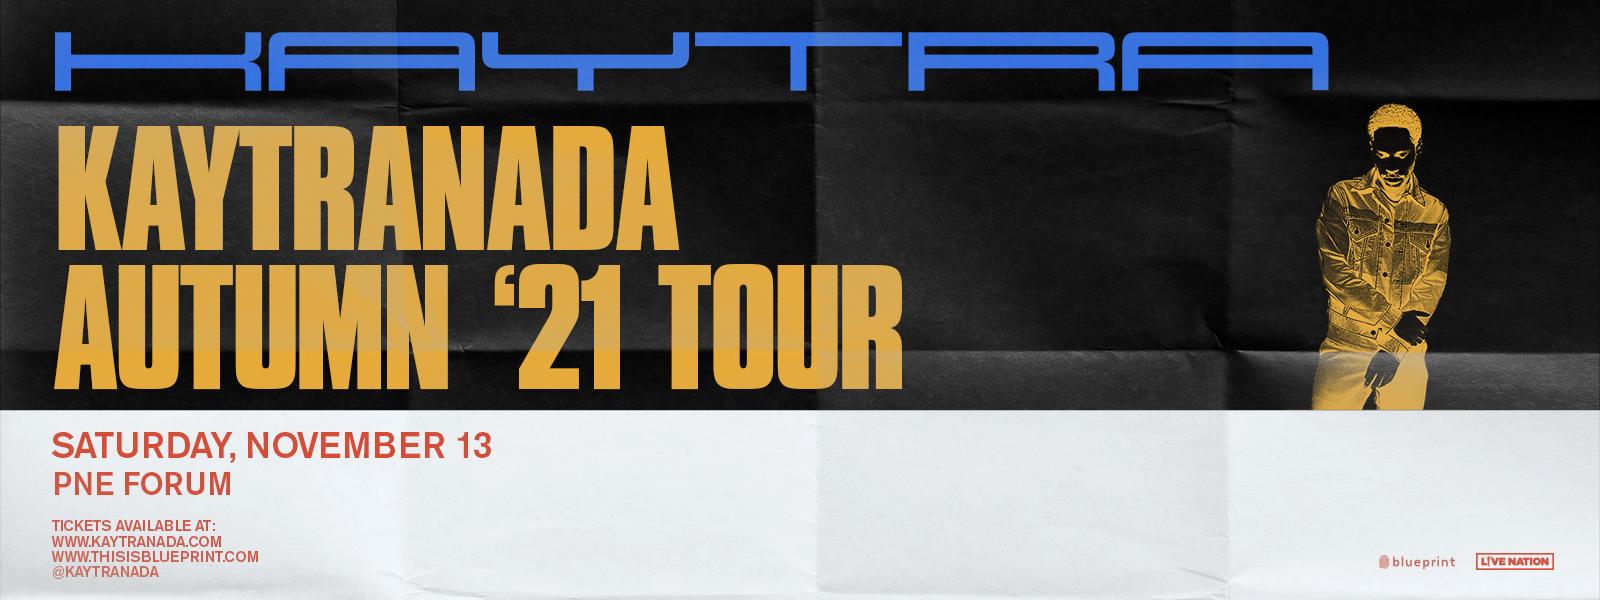 Kaytranada - Autumn '21 Tour